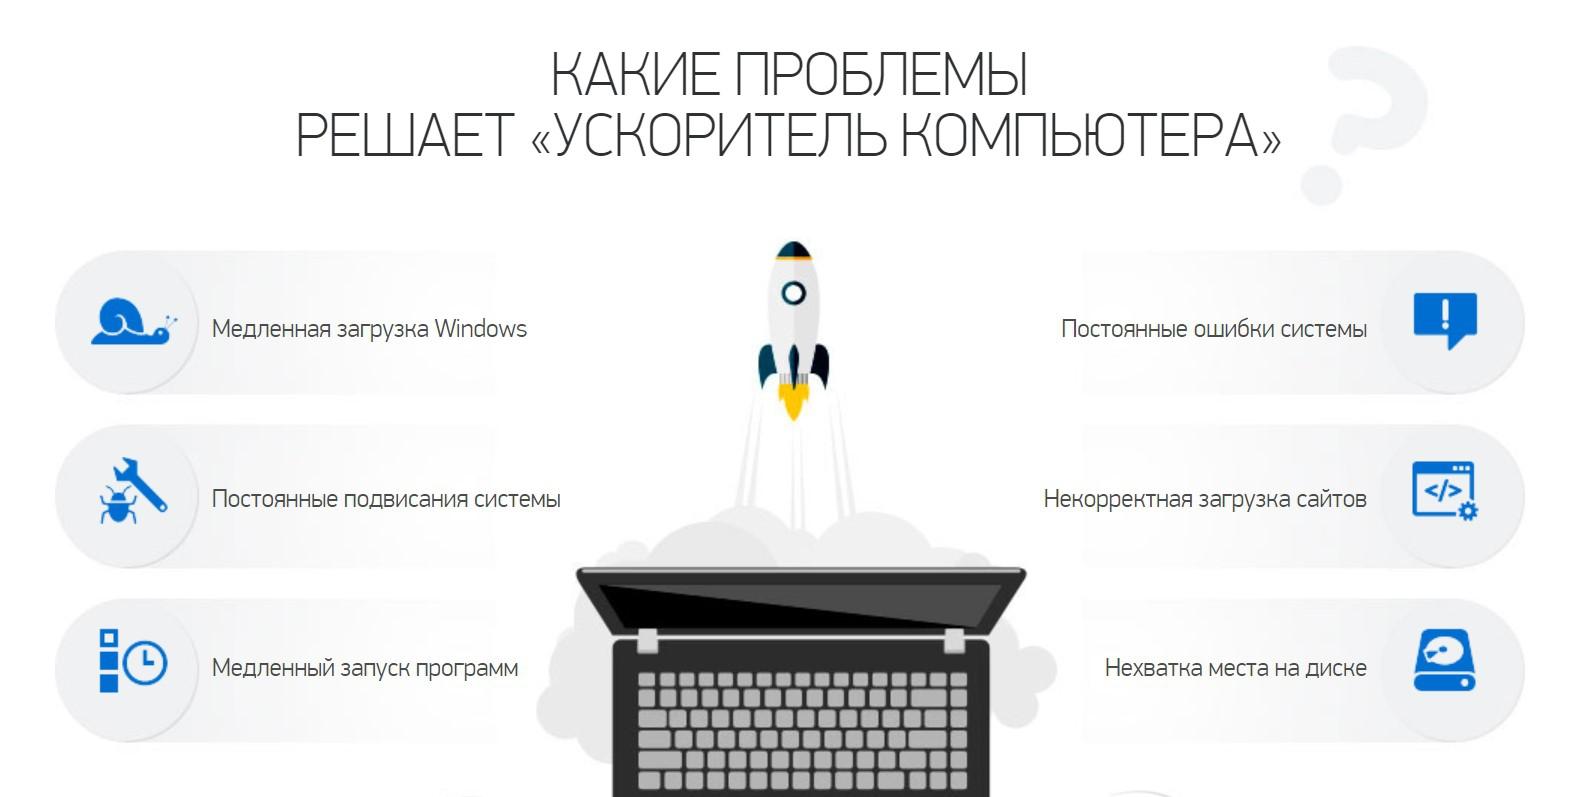 Ускорить работу компьютера